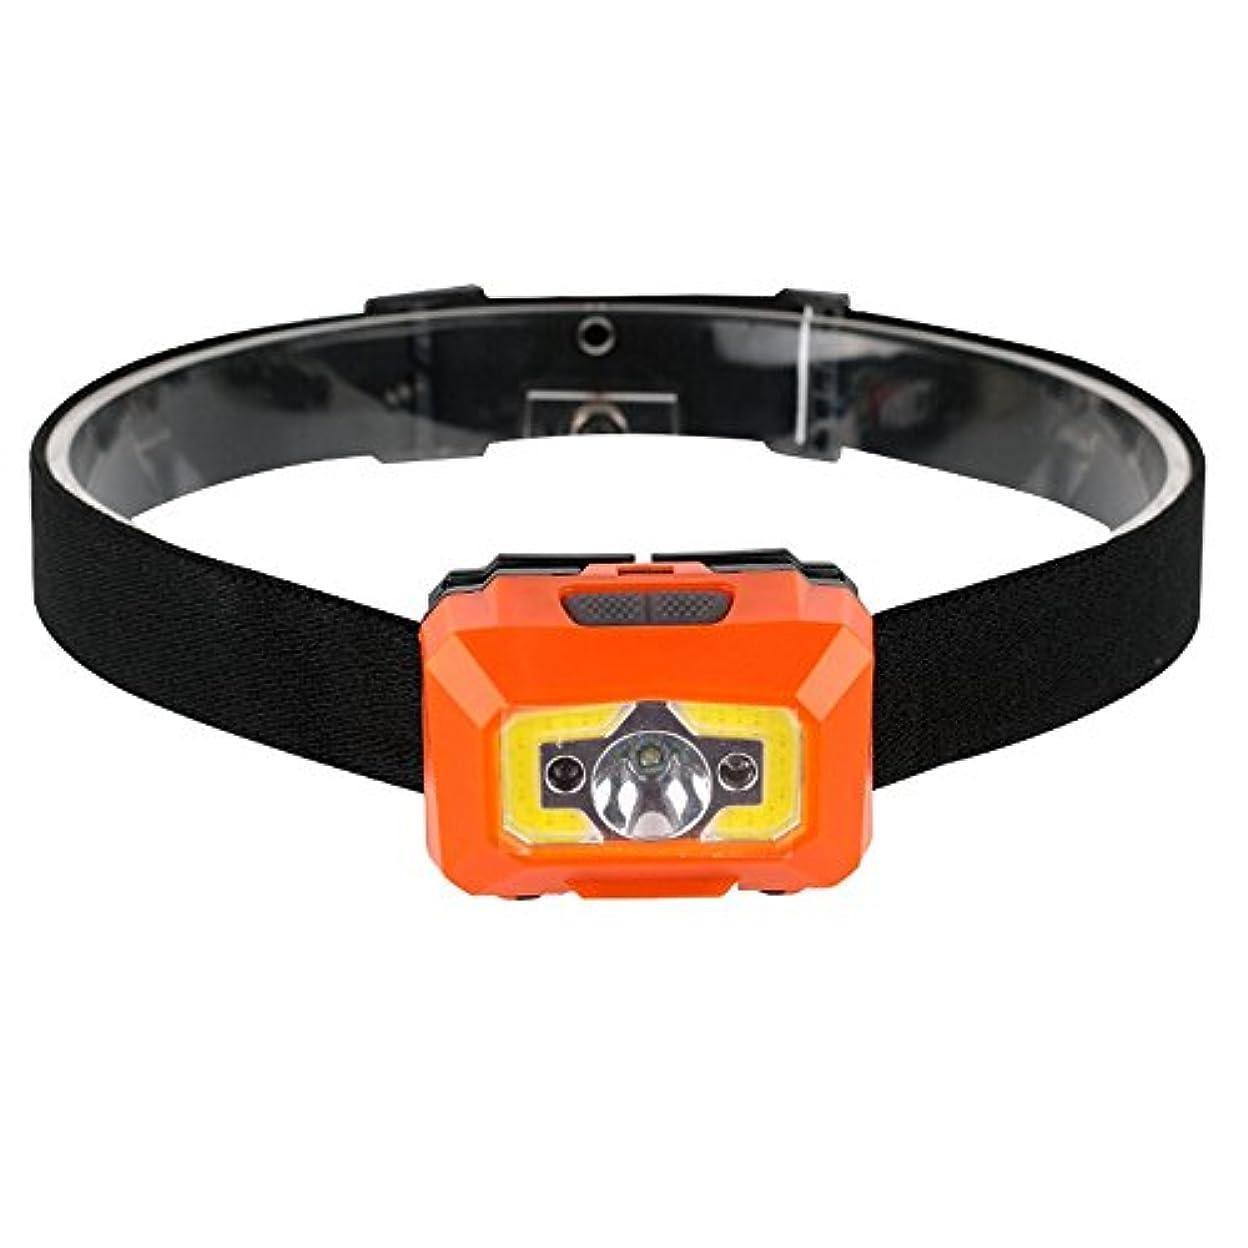 ブランド名市民到着するMUTANG USBスマート高速充電ヘッドランプLED誘導ヘッドライトクランプキャップ充電釣り防水キャップライトミニライト調整可能な白、赤、オレンジ